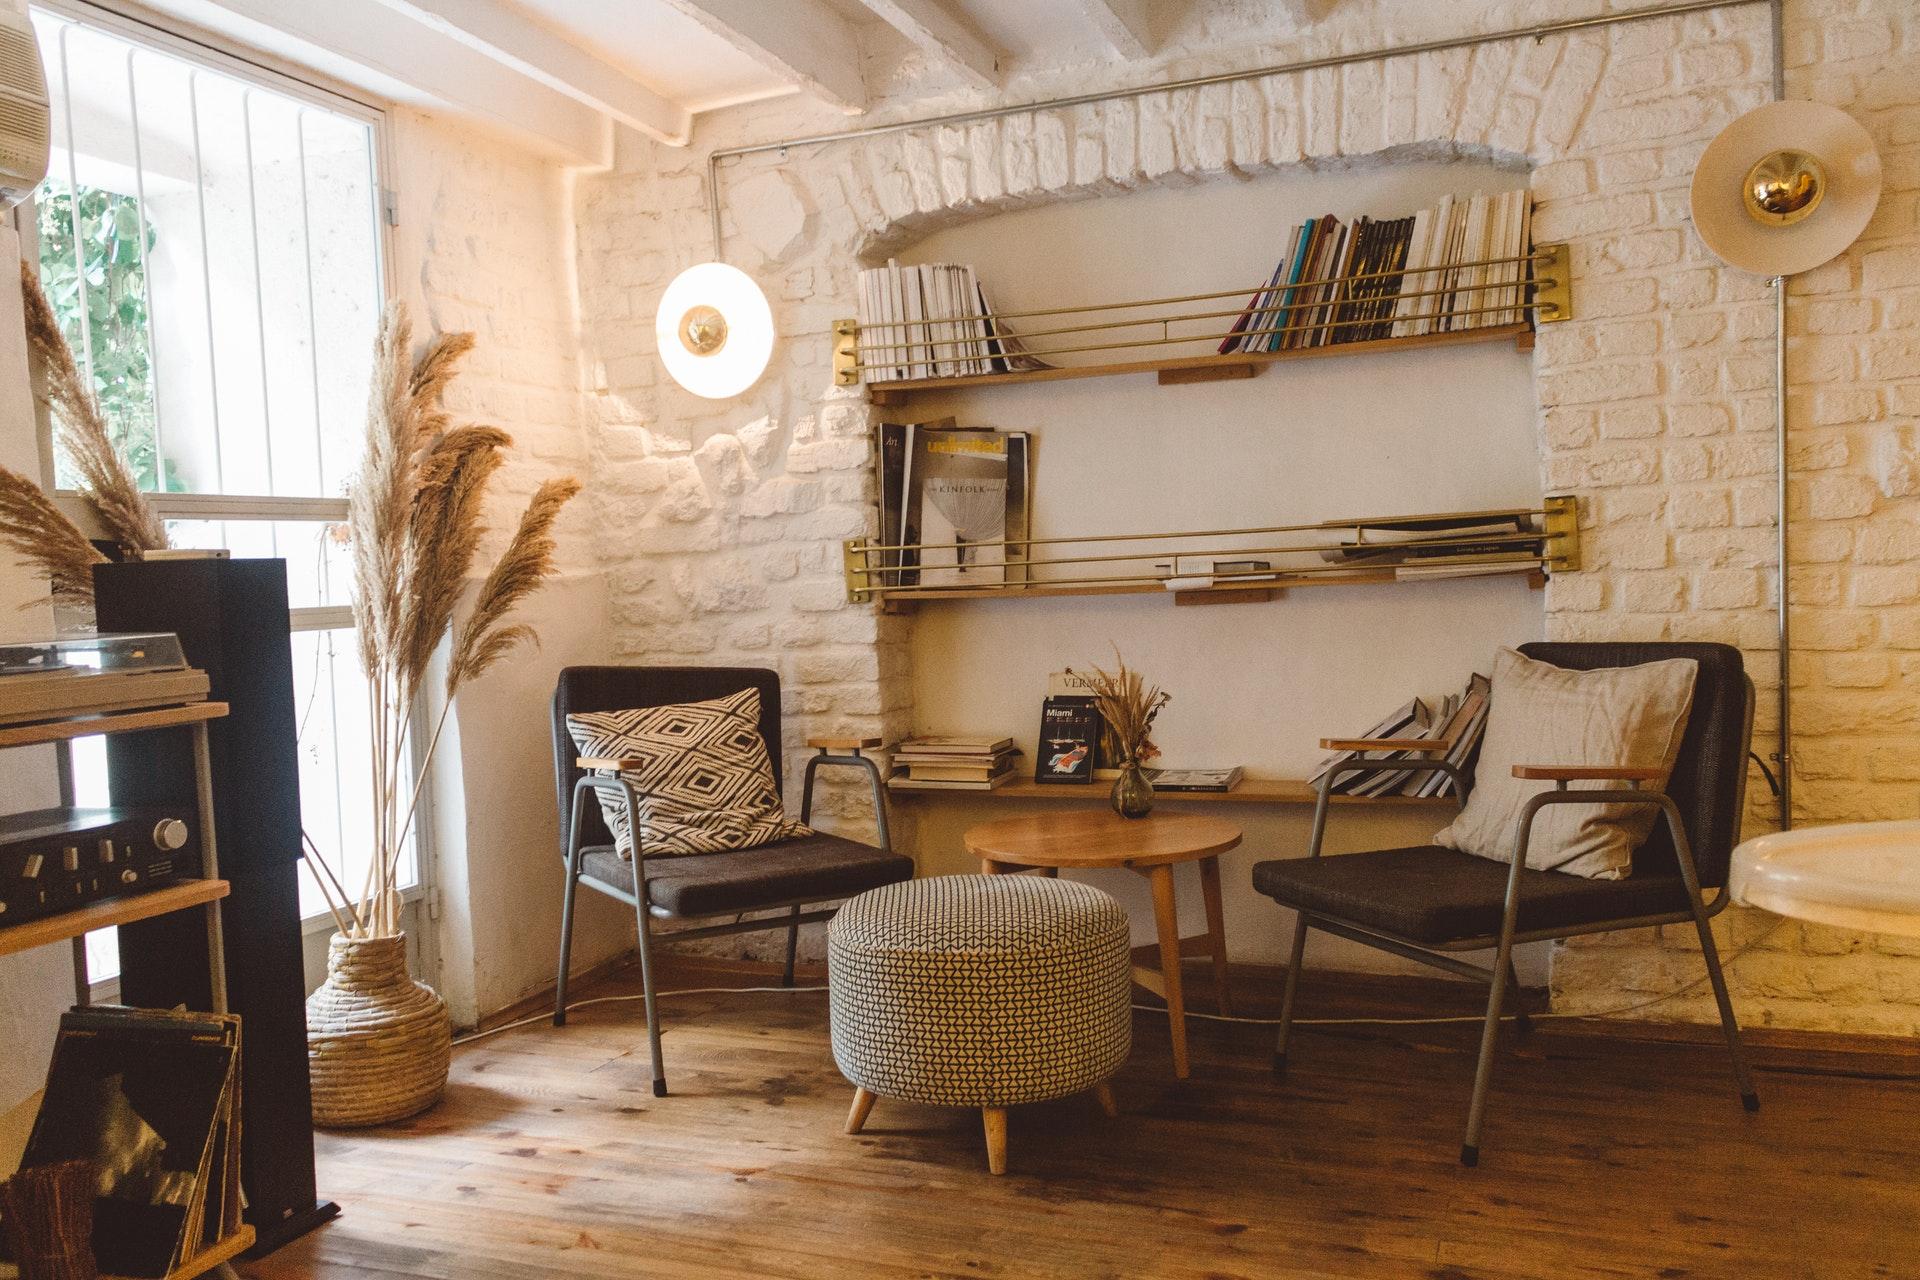 obiettivi smart per la casa - Casa Poetica